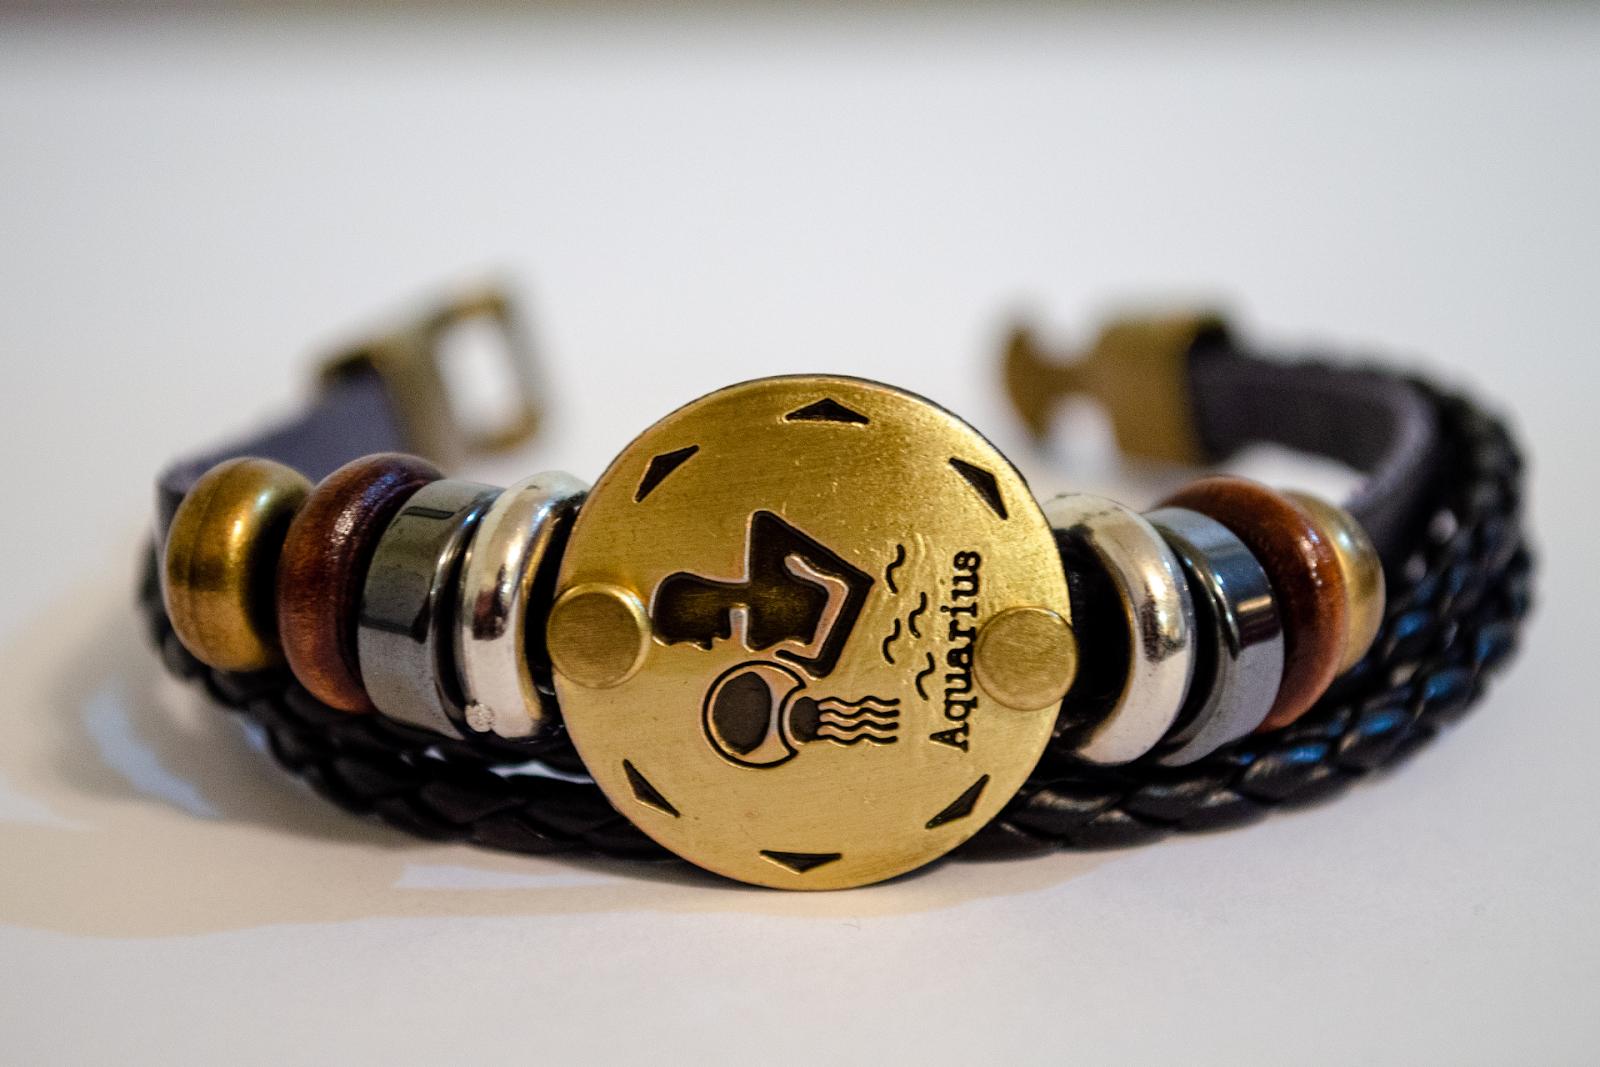 bracelet with aquarius charm